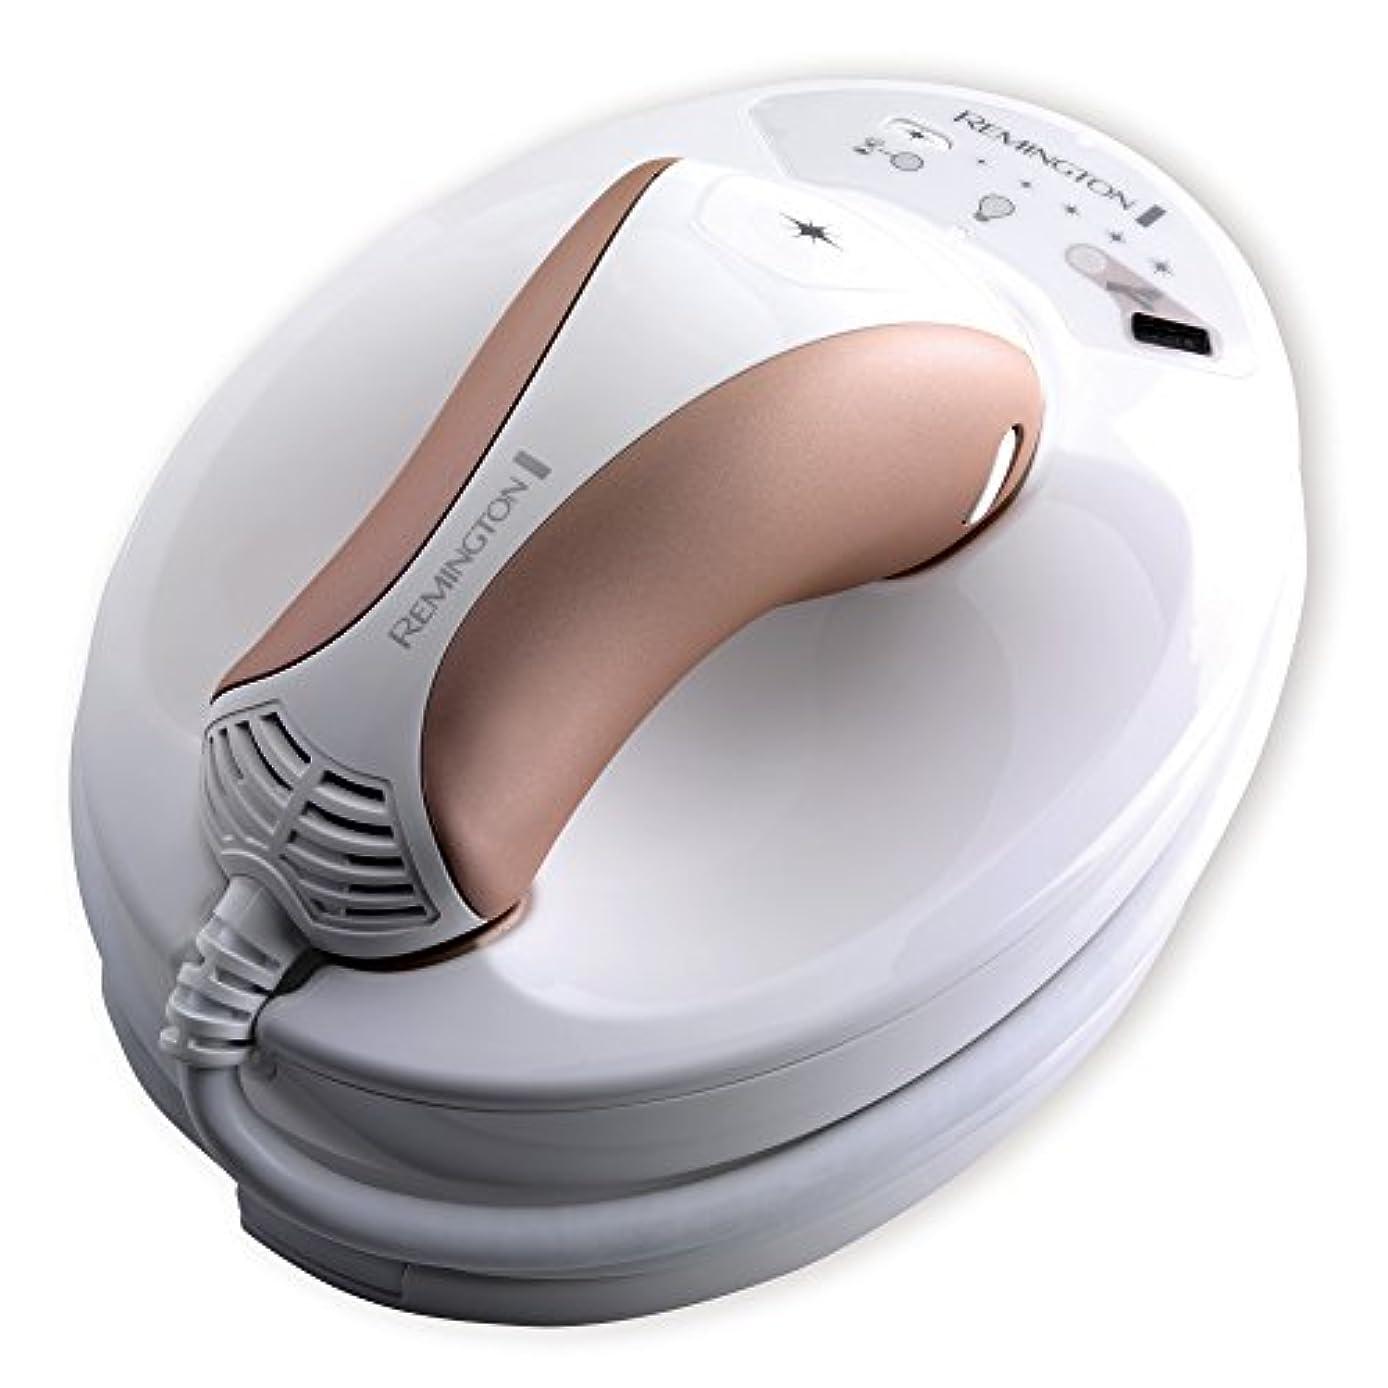 配列間に合わせ出発する家庭用フラッシュ式脱毛機「I-LIGHT Pro」 男女兼用【並行輸入品】